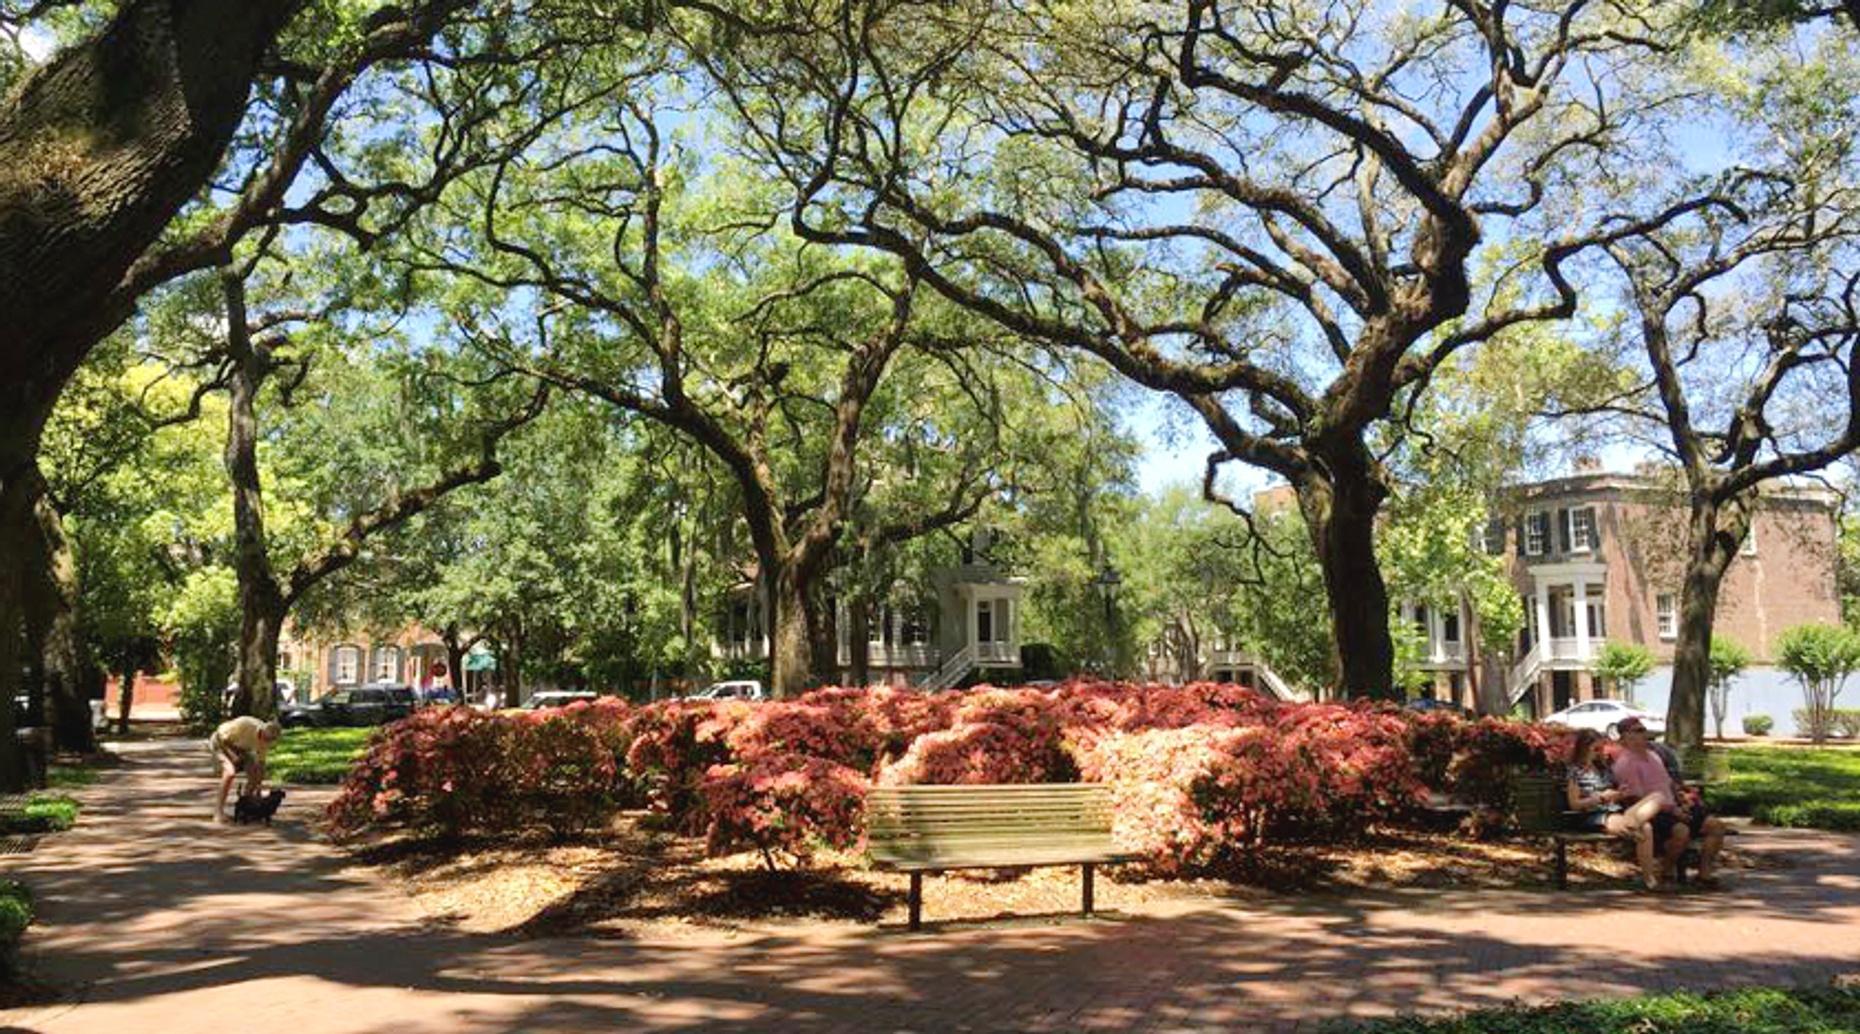 The Savannah Saunter Walking Tour